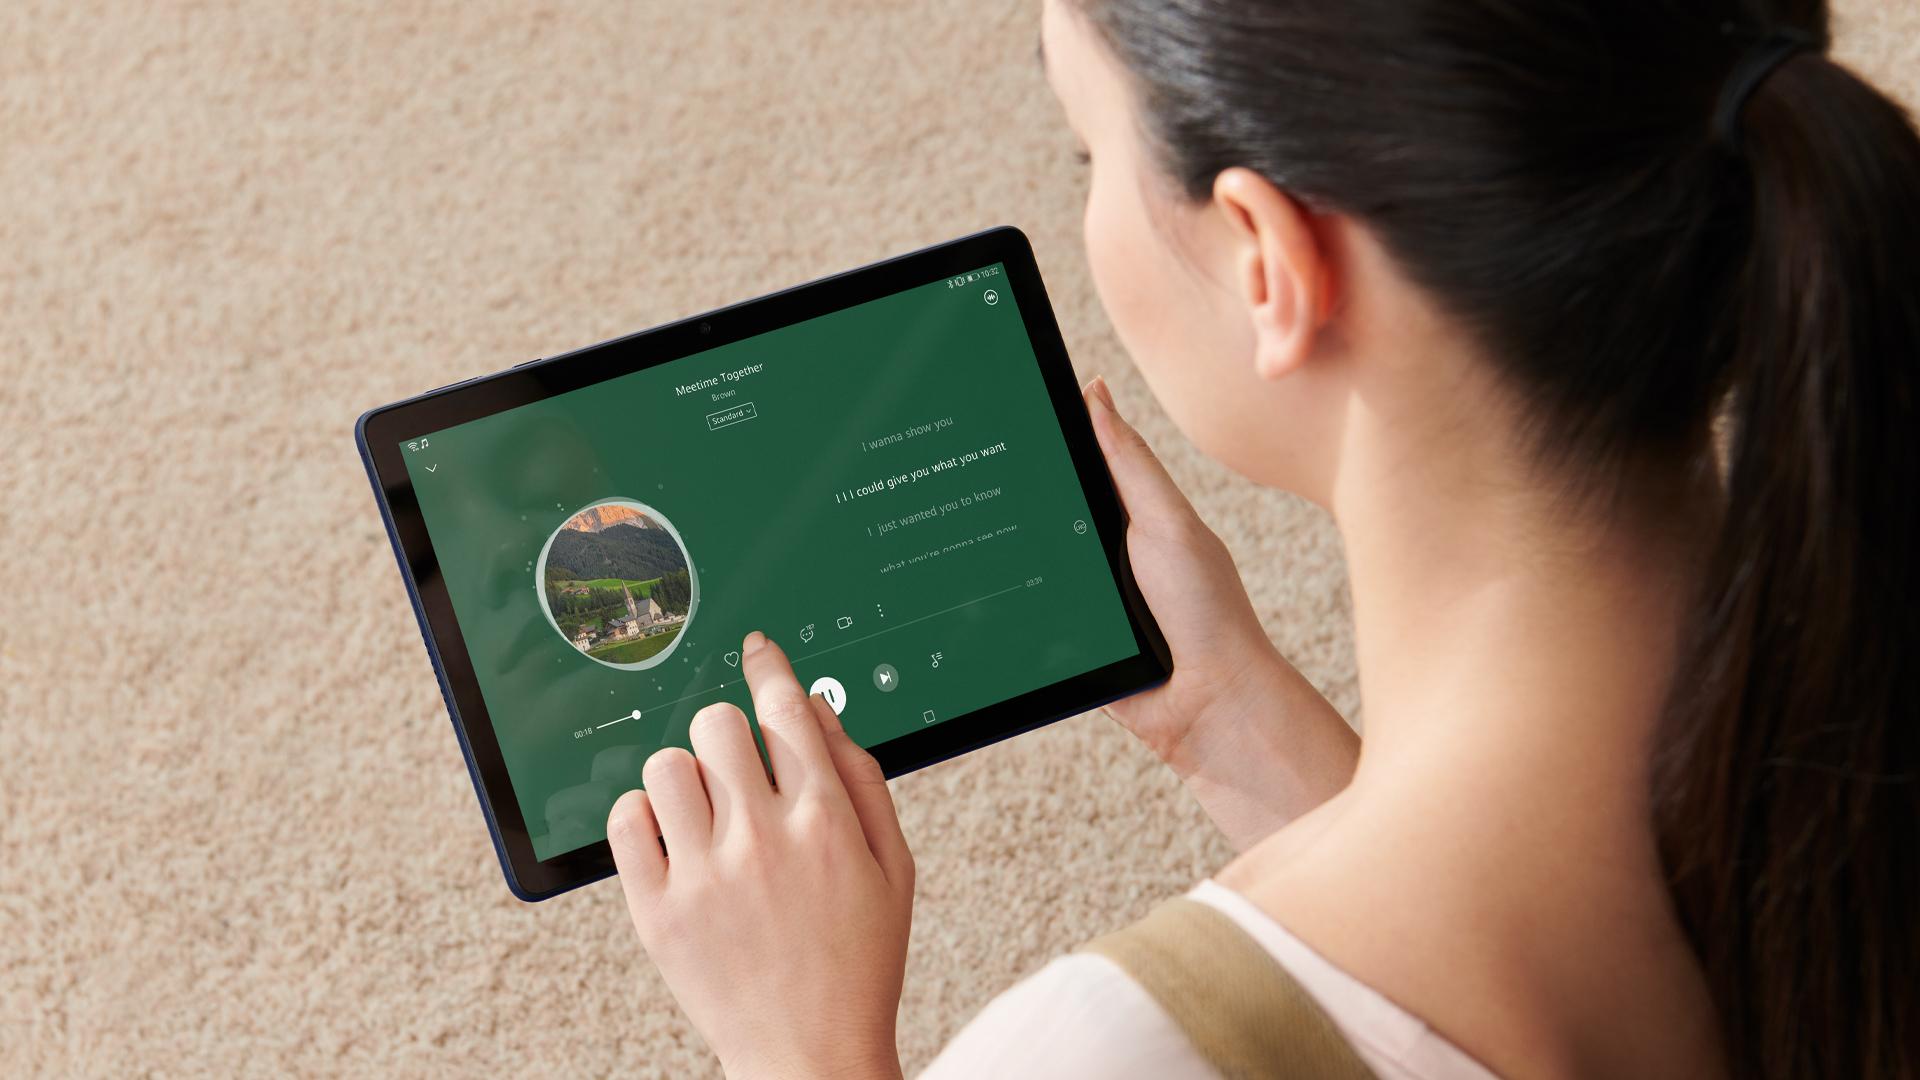 Bộ đôi MatePad và MatePad T10s được phân phối độc quyền qua Thế Giới Di Động - Ảnh 1.